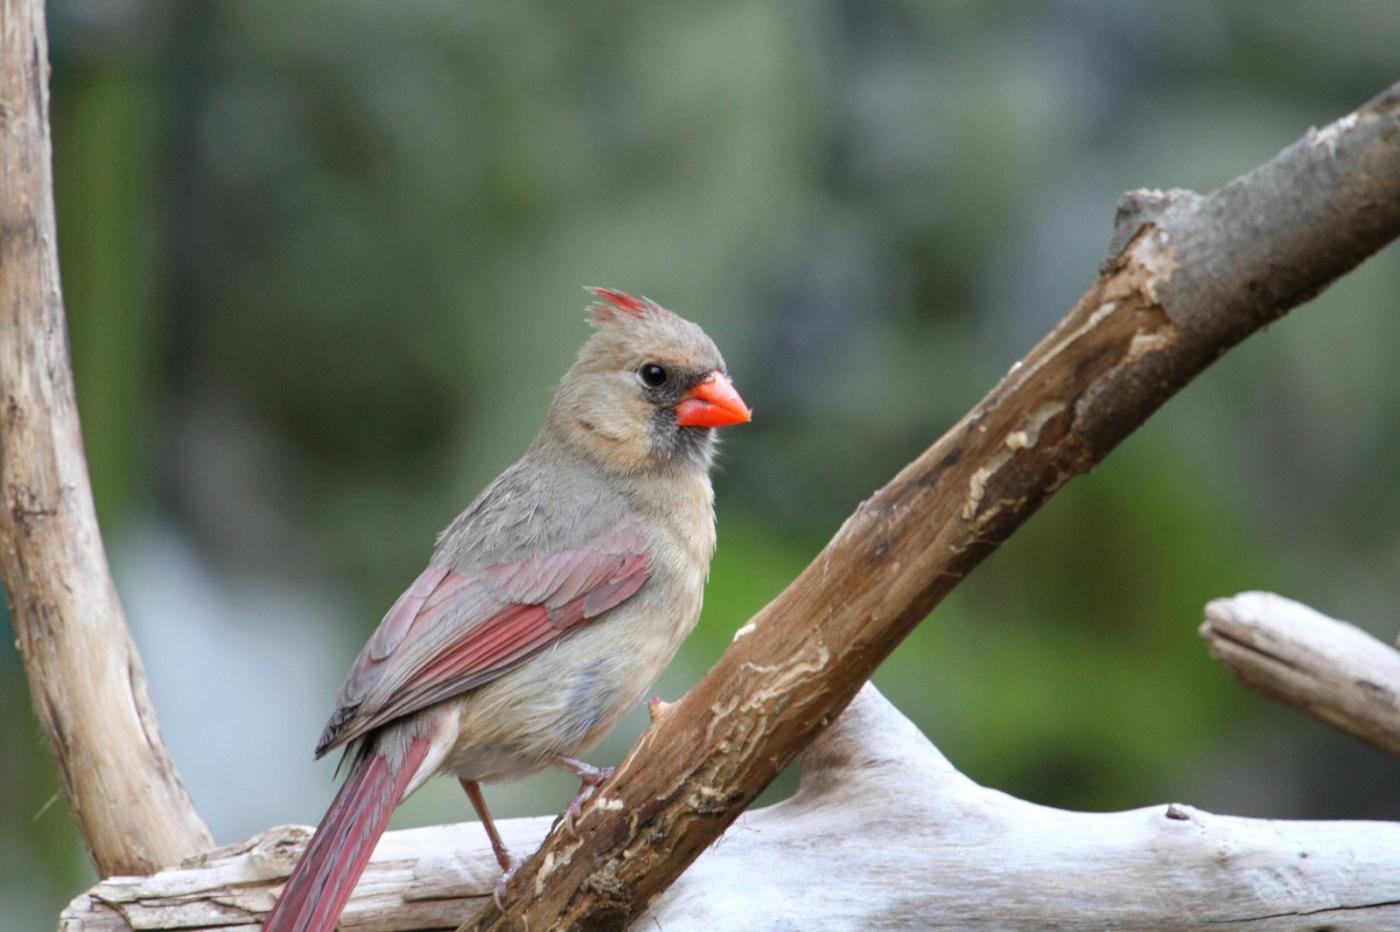 【田螺摄影】有吃的主教鸟还会挑肥拣瘦_图1-7